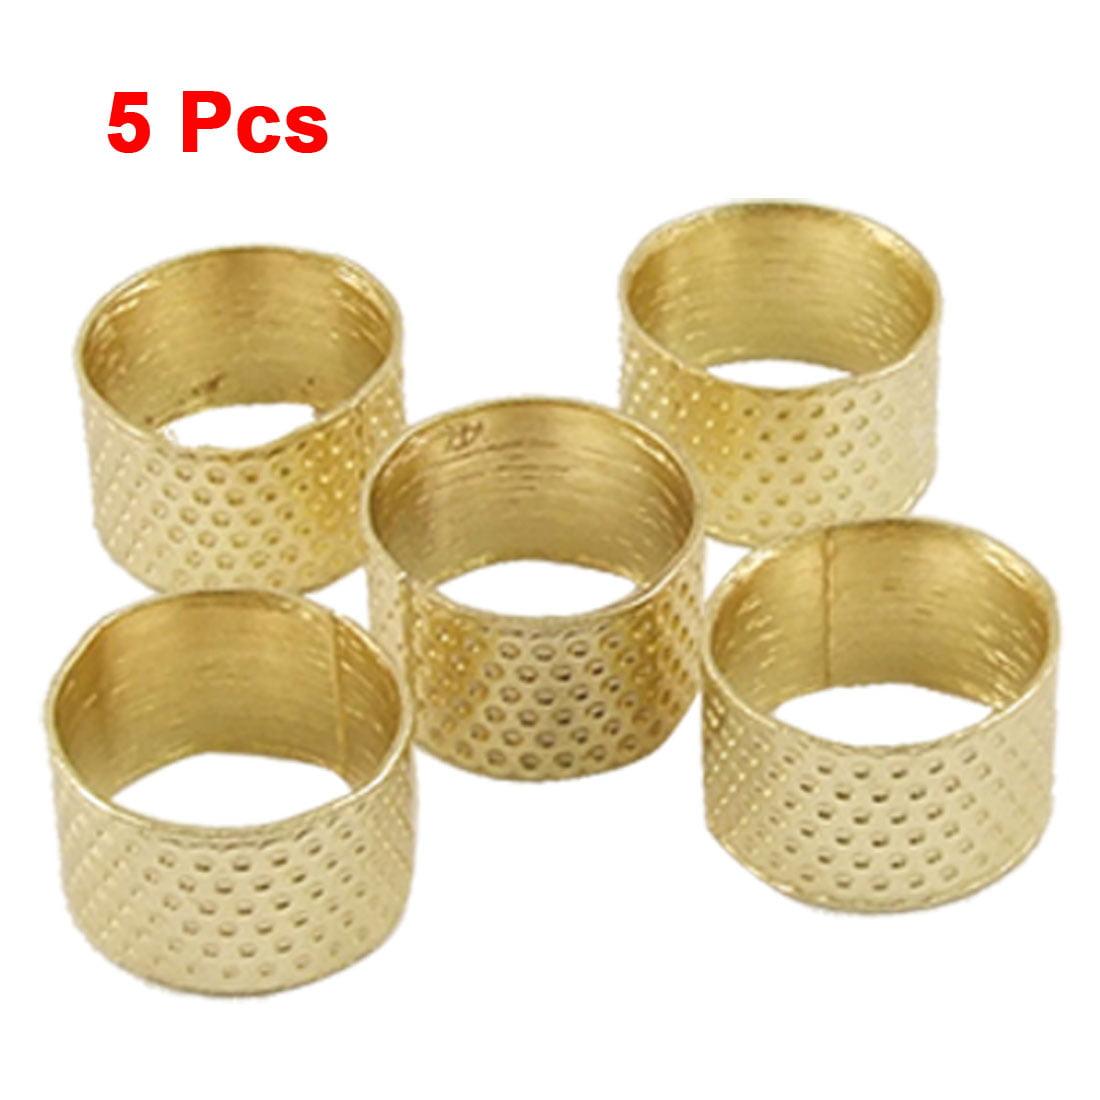 Unique Bargains 5 Pcs Tailors Sewing Gold Tone Reeded Finger Thimble Proctector